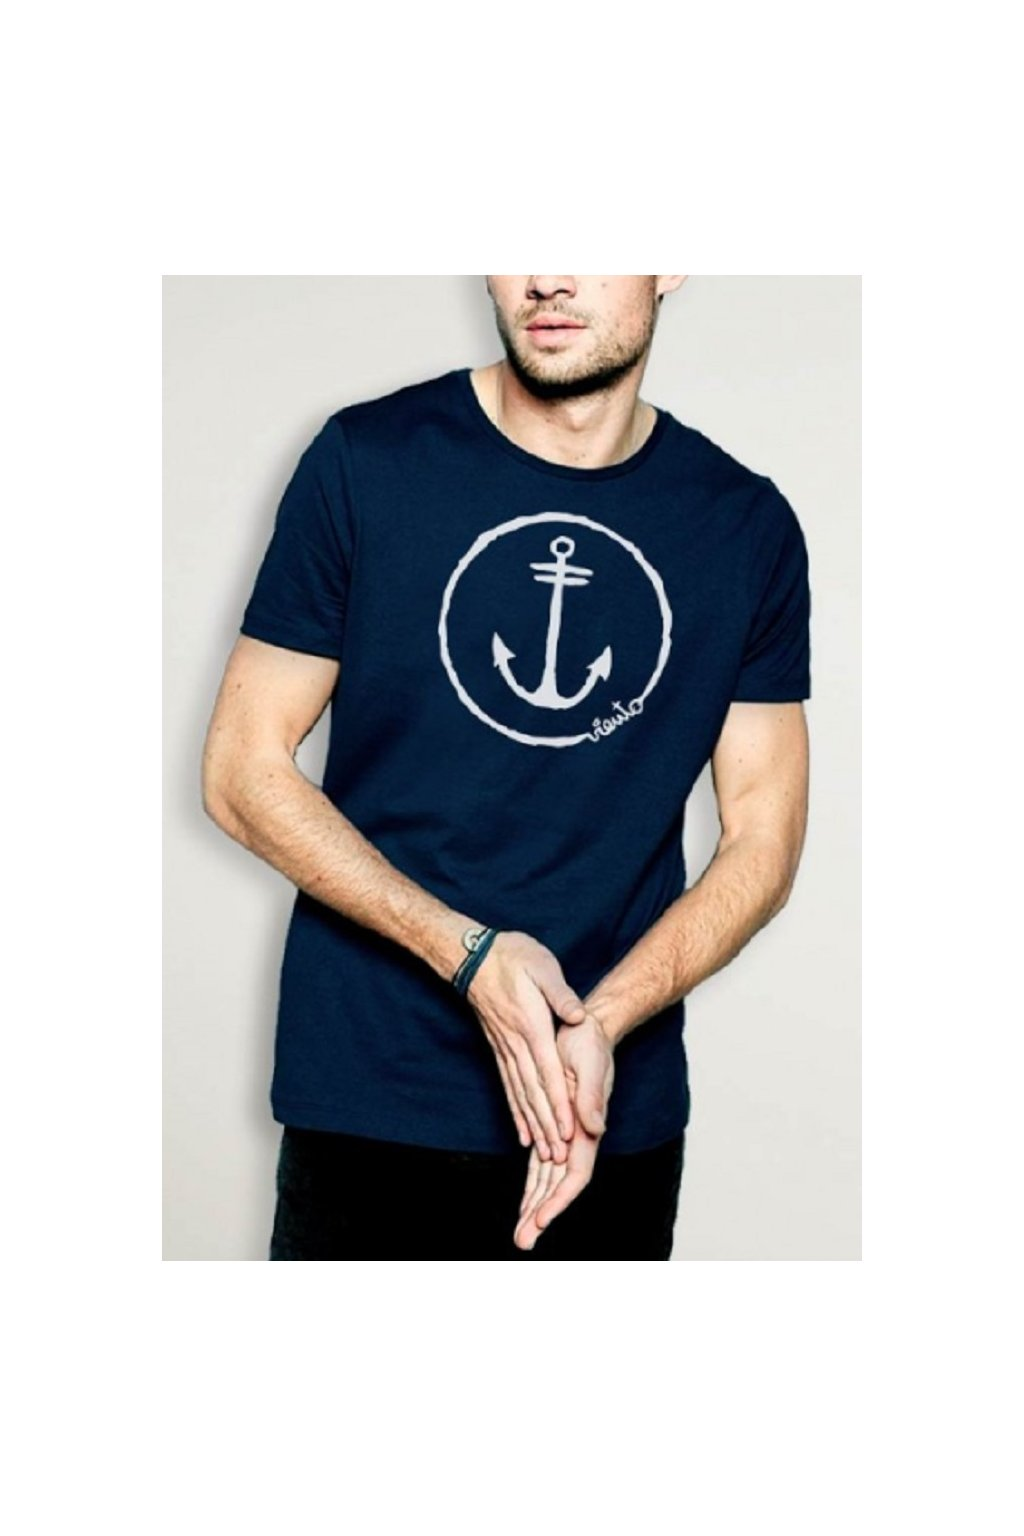 Viento pánské triko Anchor logo Navy obr1